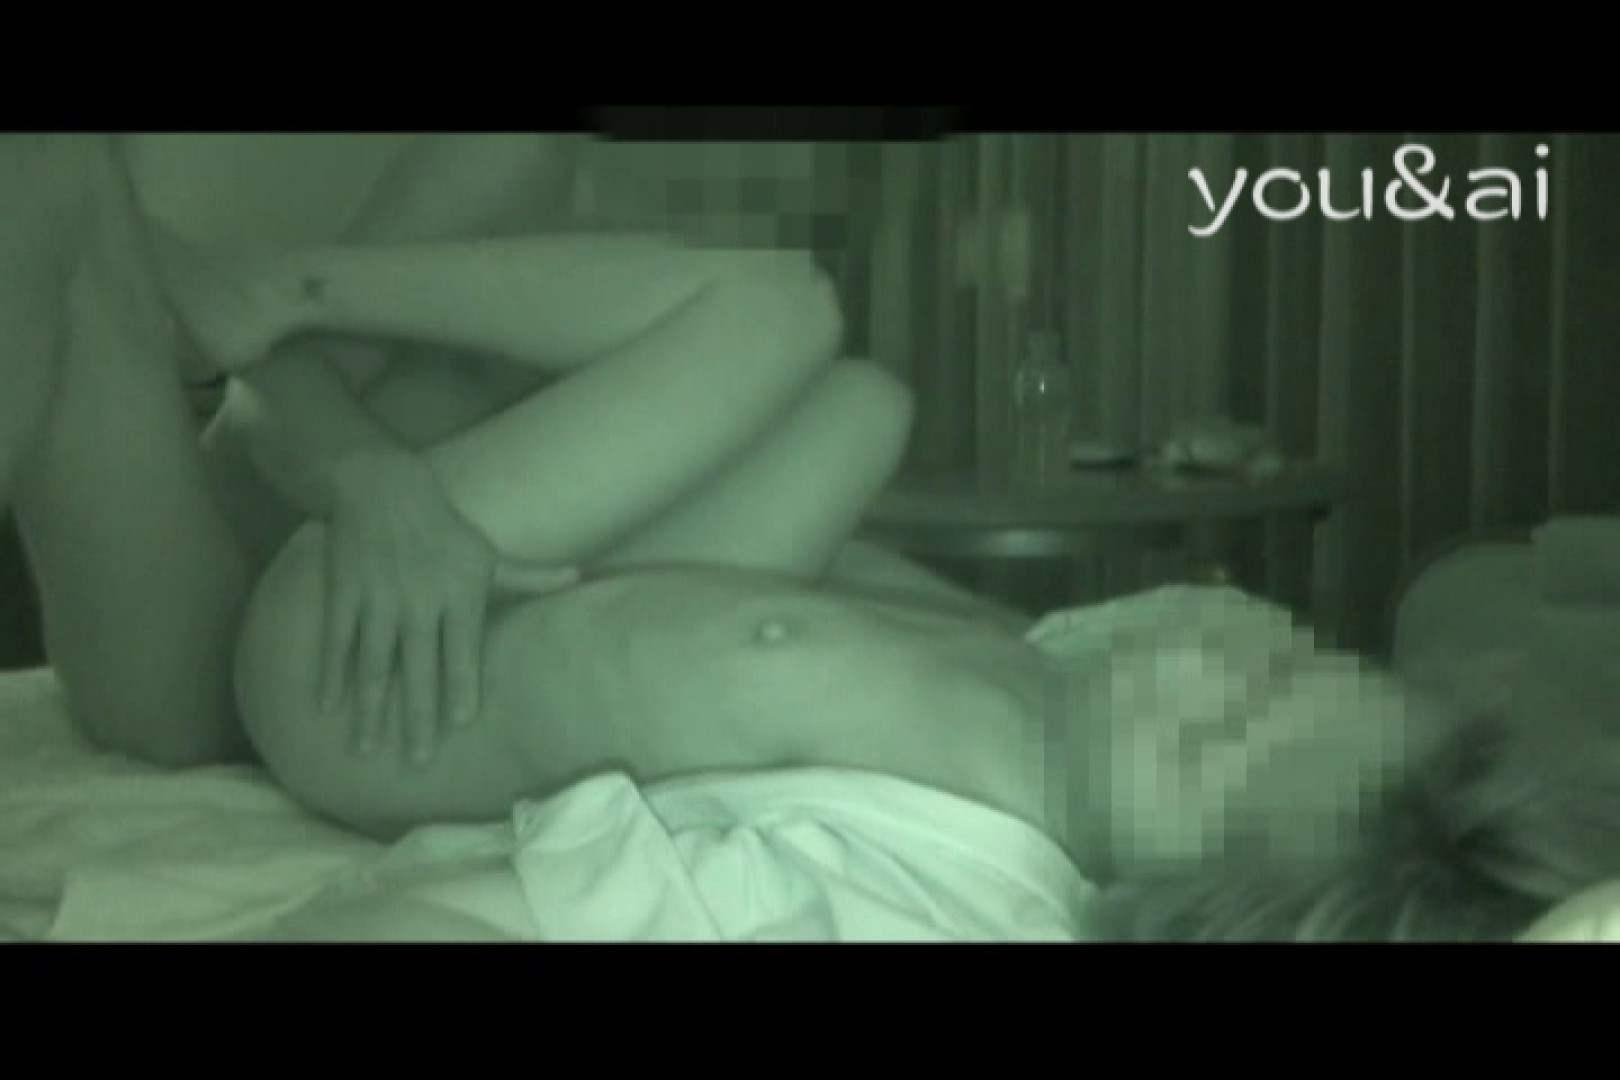 おしどり夫婦のyou&aiさん投稿作品vol.12 ホテル オマンコ動画キャプチャ 104PIX 35